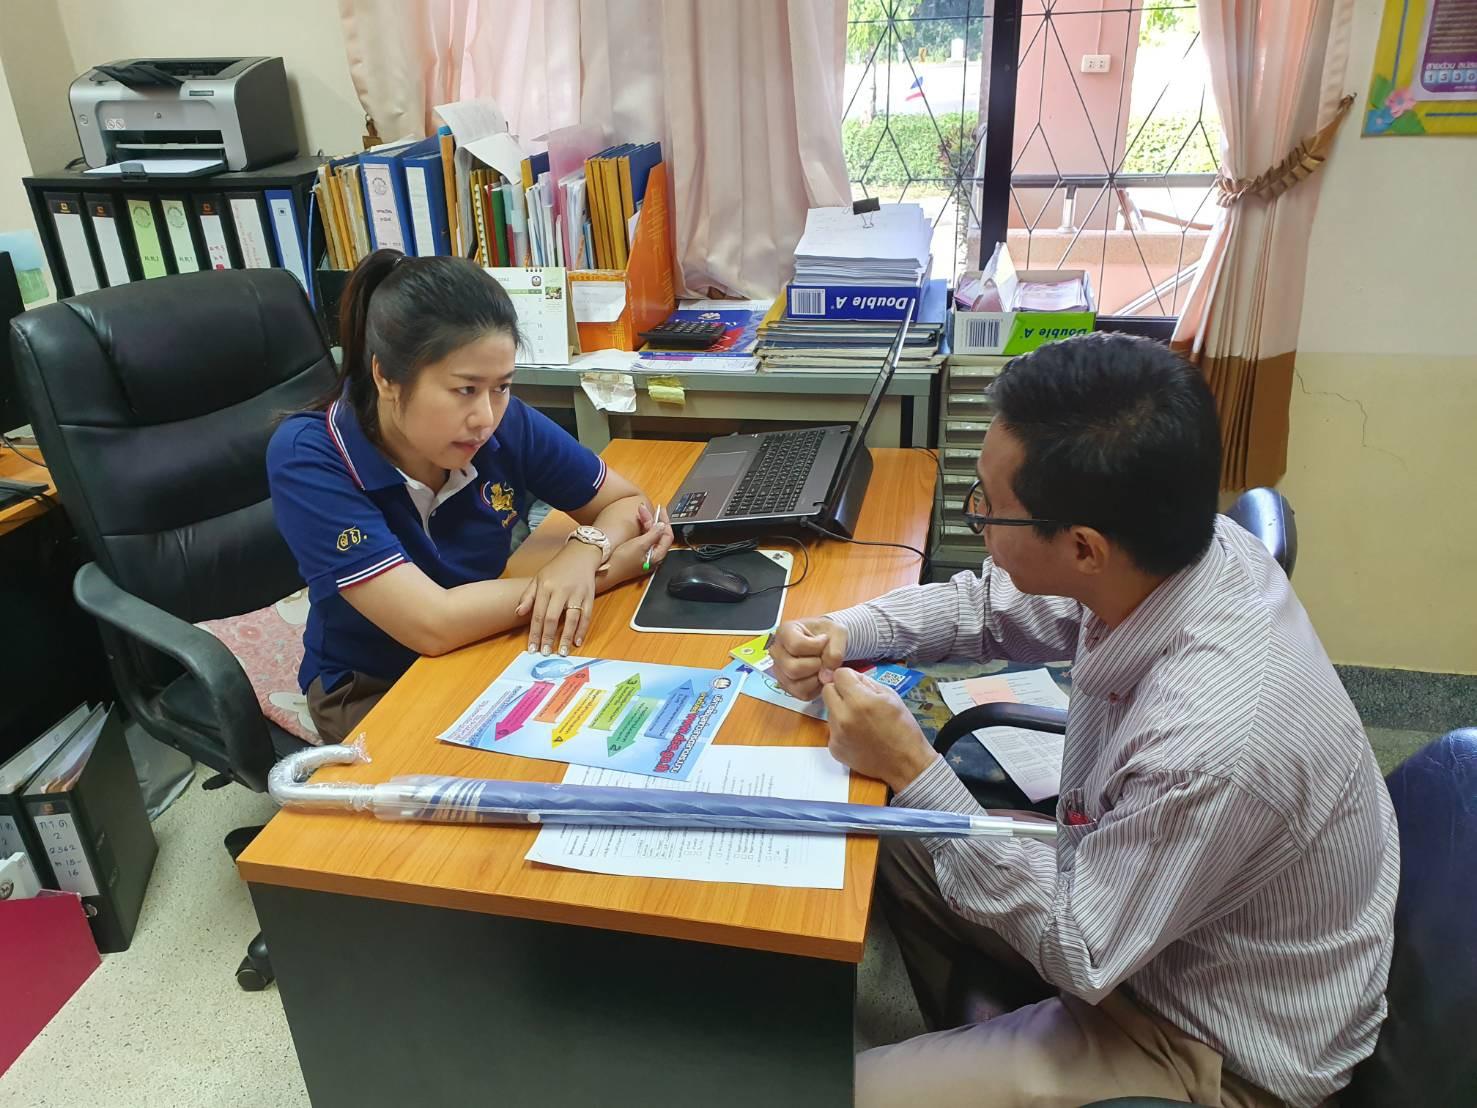 ดำเนินโครงการขยายเครือข่ายข้อมูลข่าวสารตลาดแรงงานสู่ตำบล หมู่บ้าน